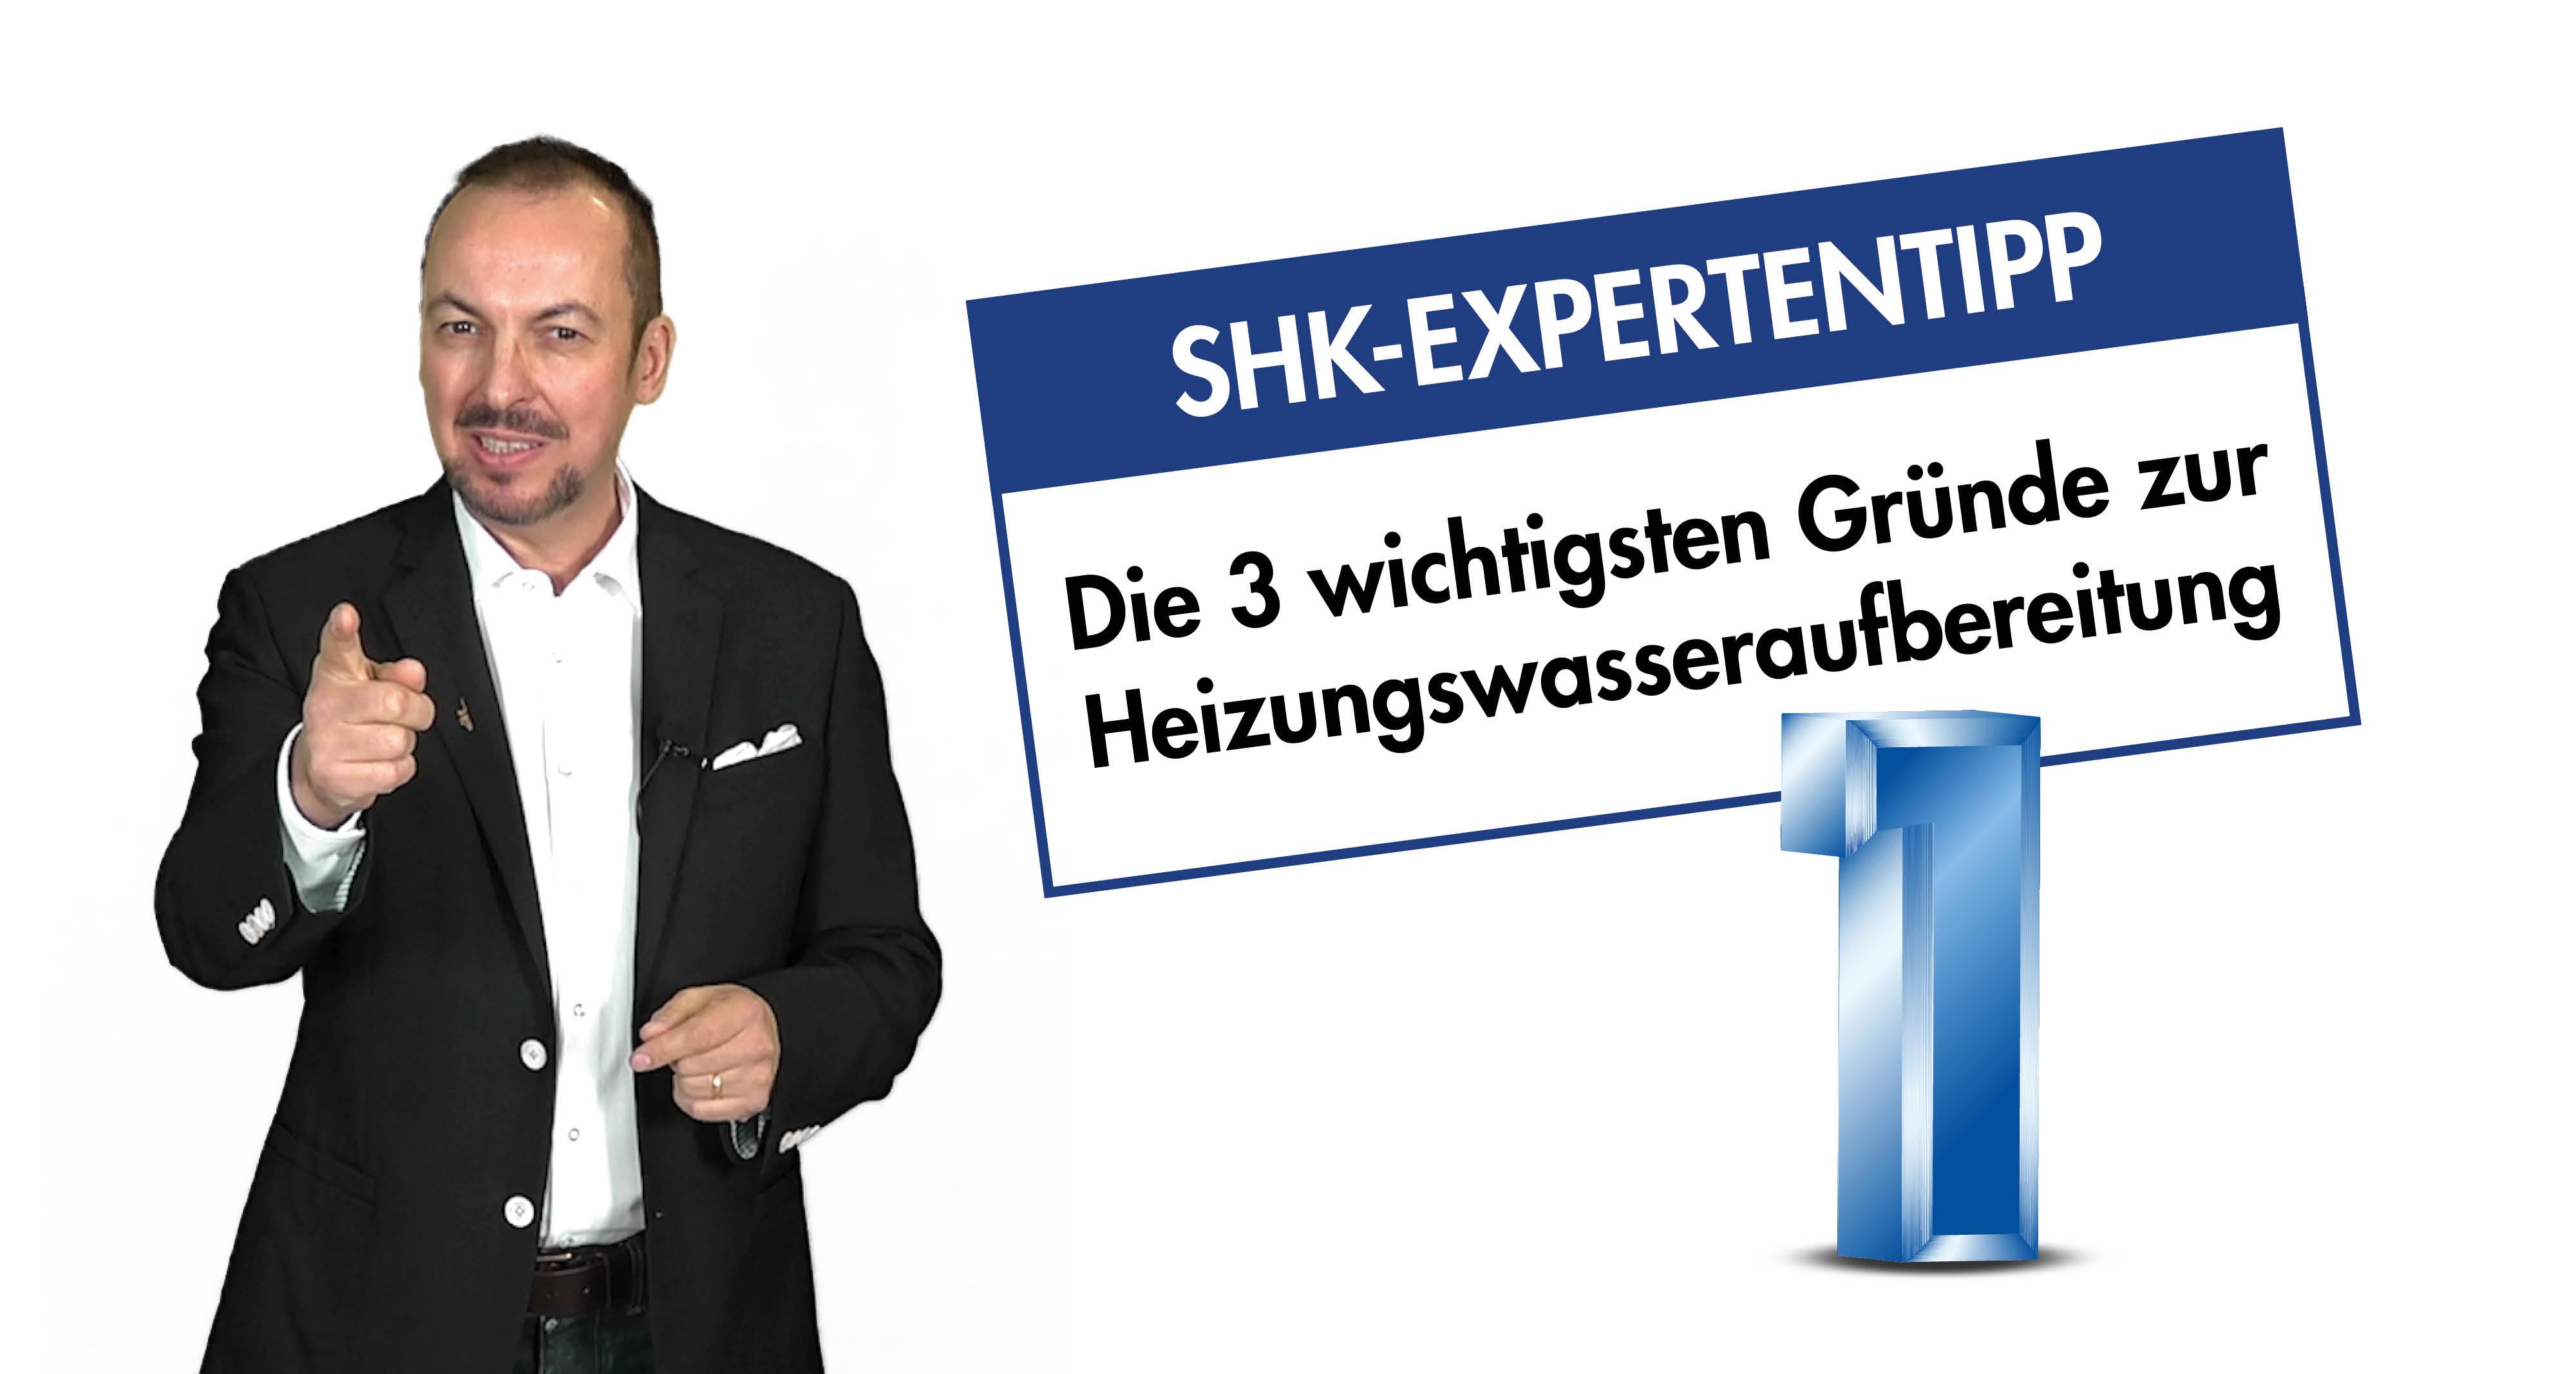 SHK-Expertentipp